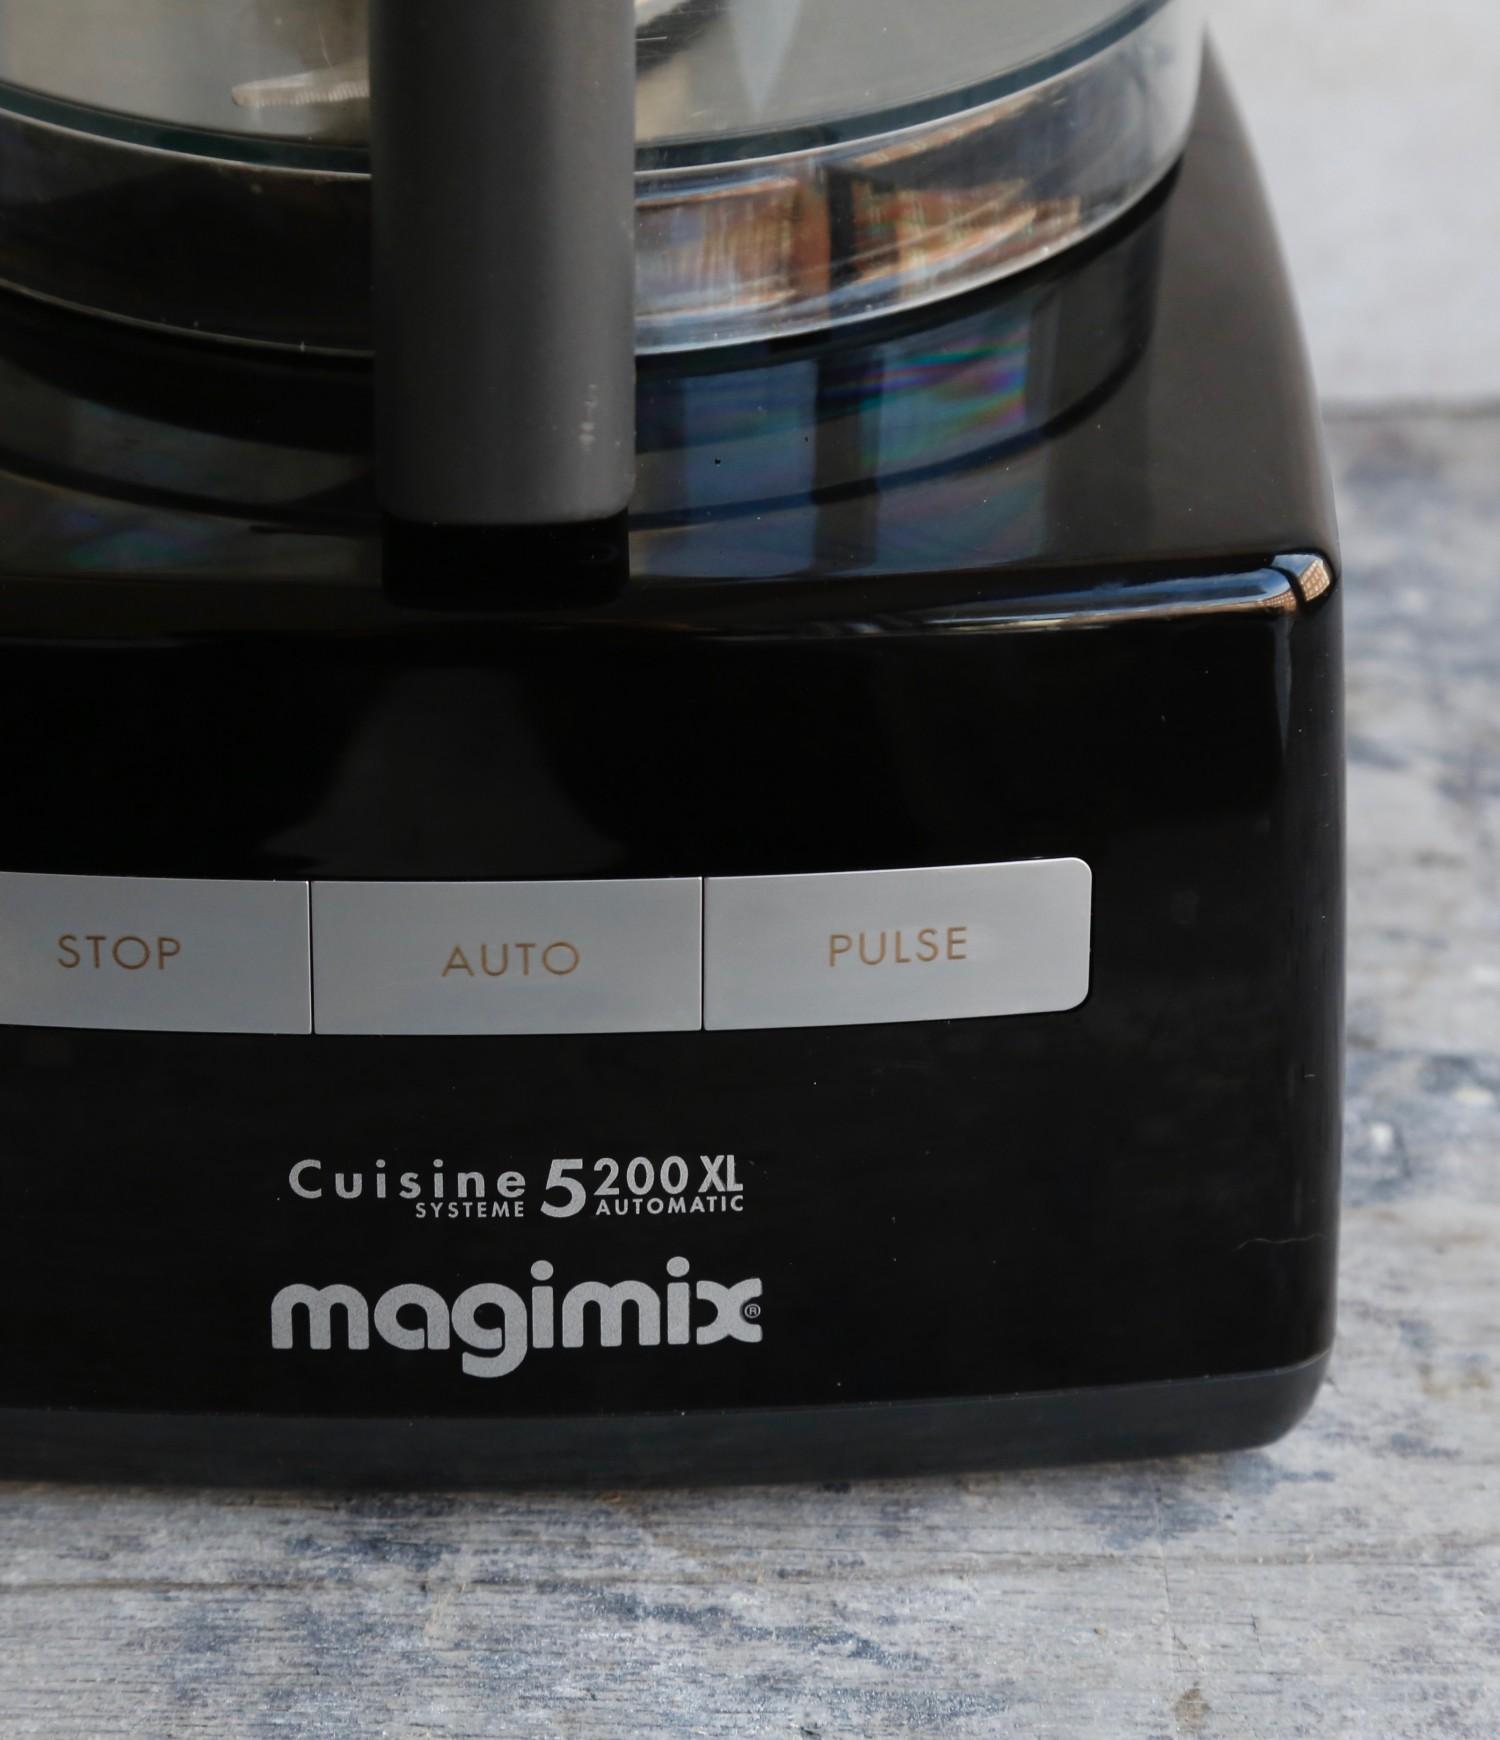 MAGIMIX ANBEFALING: Den absolut bedste foodprocessor